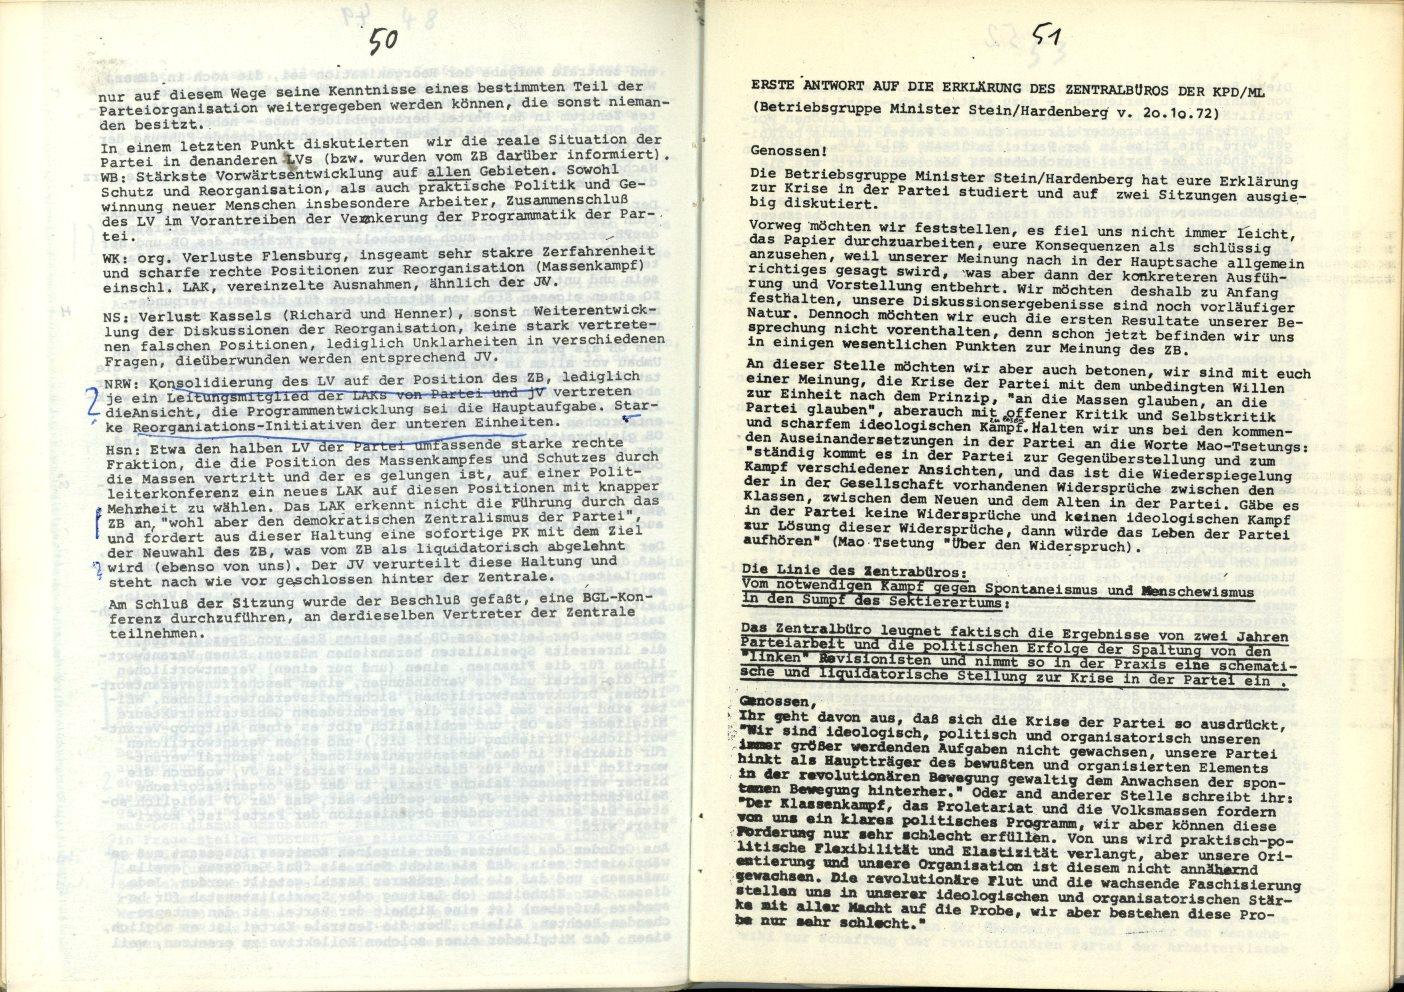 ZB_1972_Diskussionsorgan_zur_ersten_Parteikonferenz_28